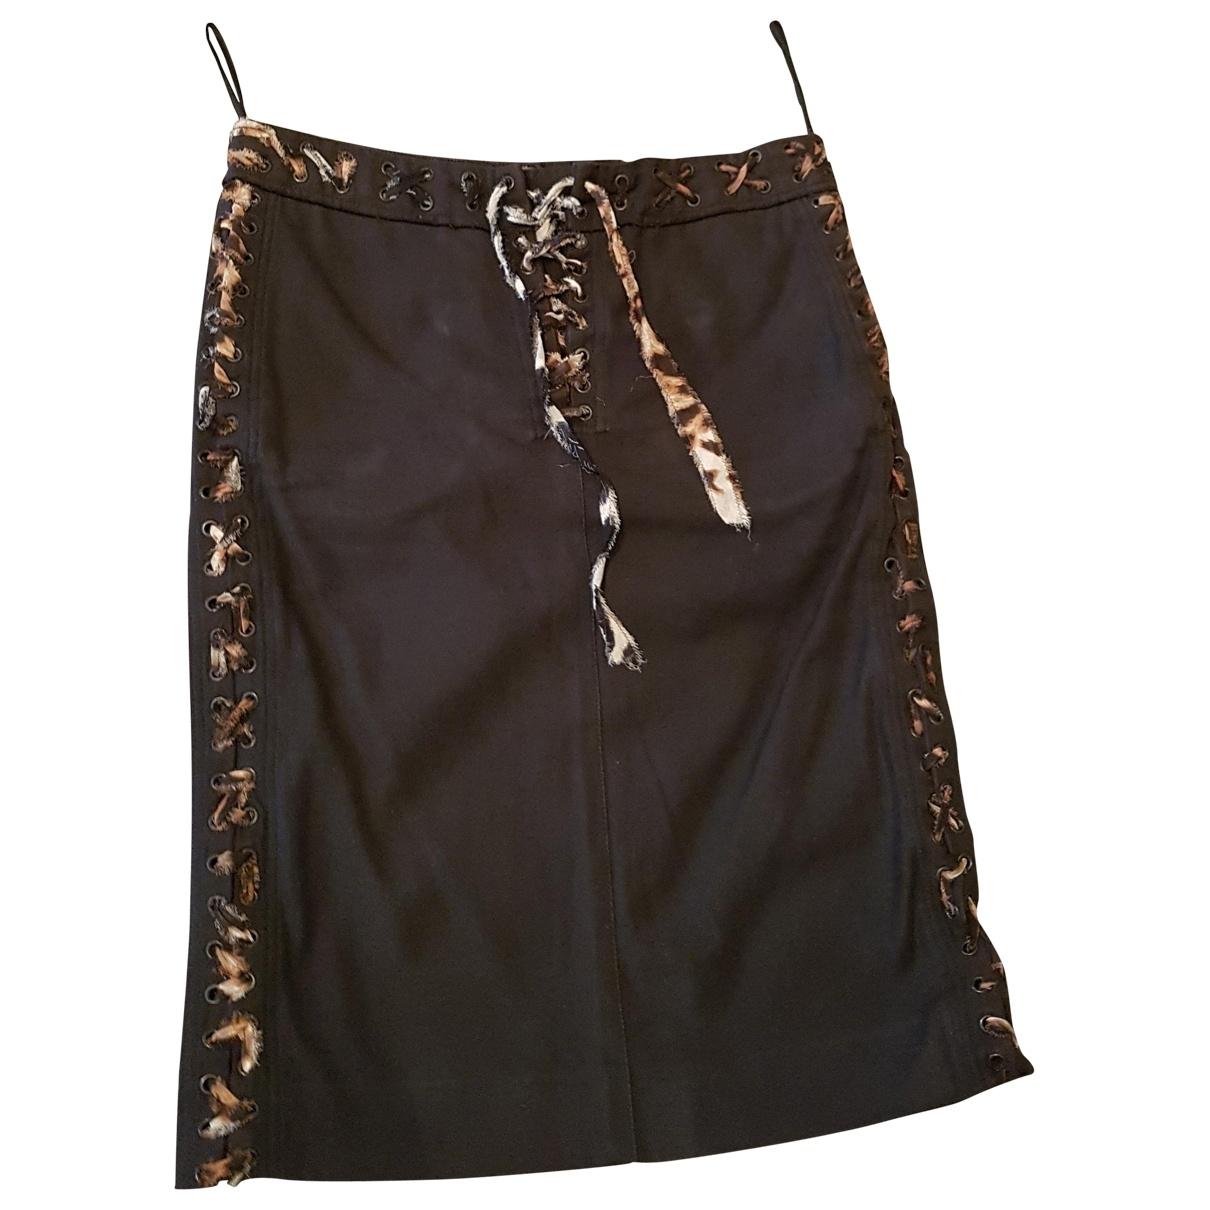 Yves Saint Laurent \N Black Cotton skirt for Women 36 FR